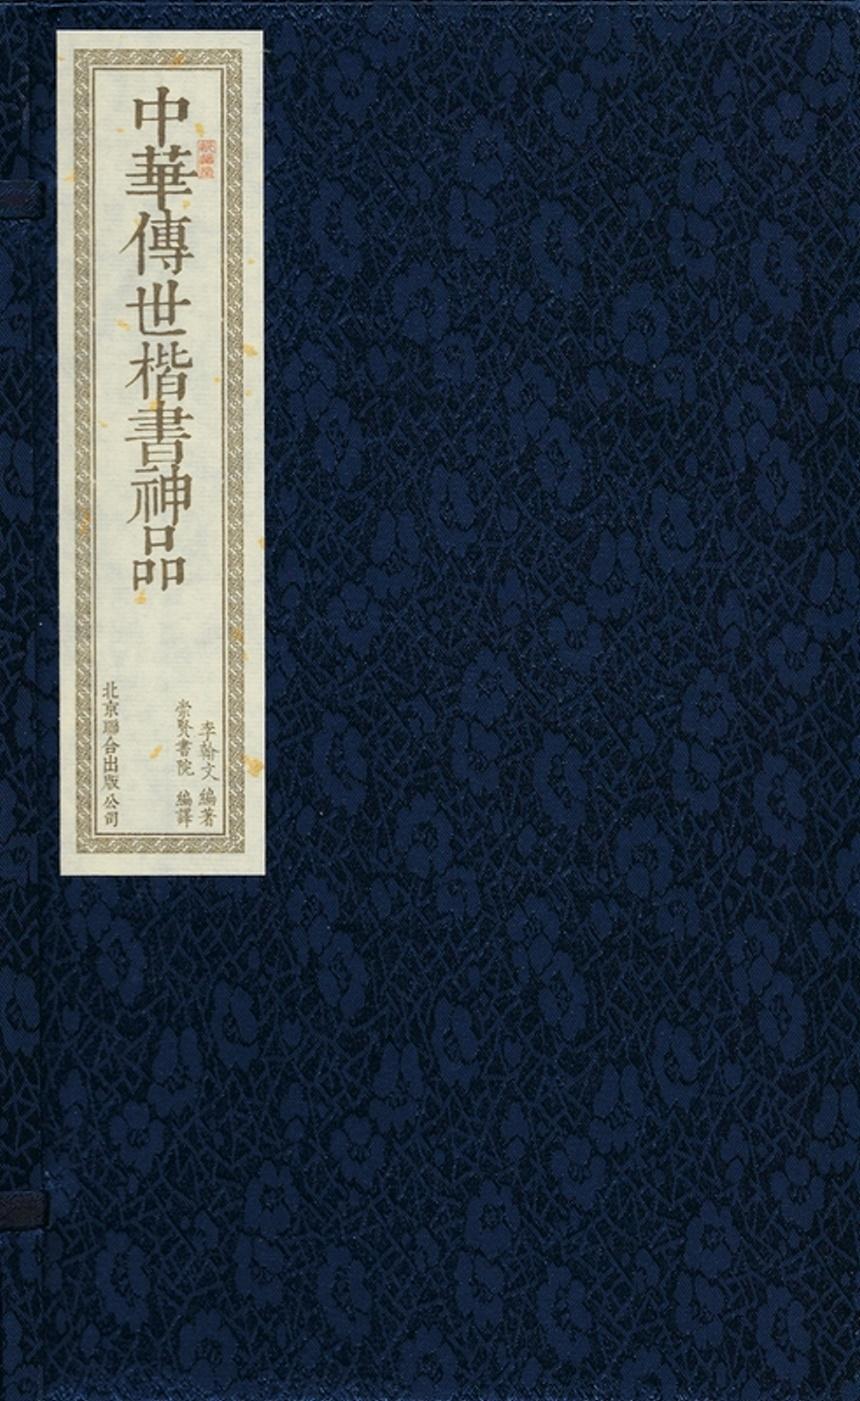 中華傳世楷書神品(一函二冊)